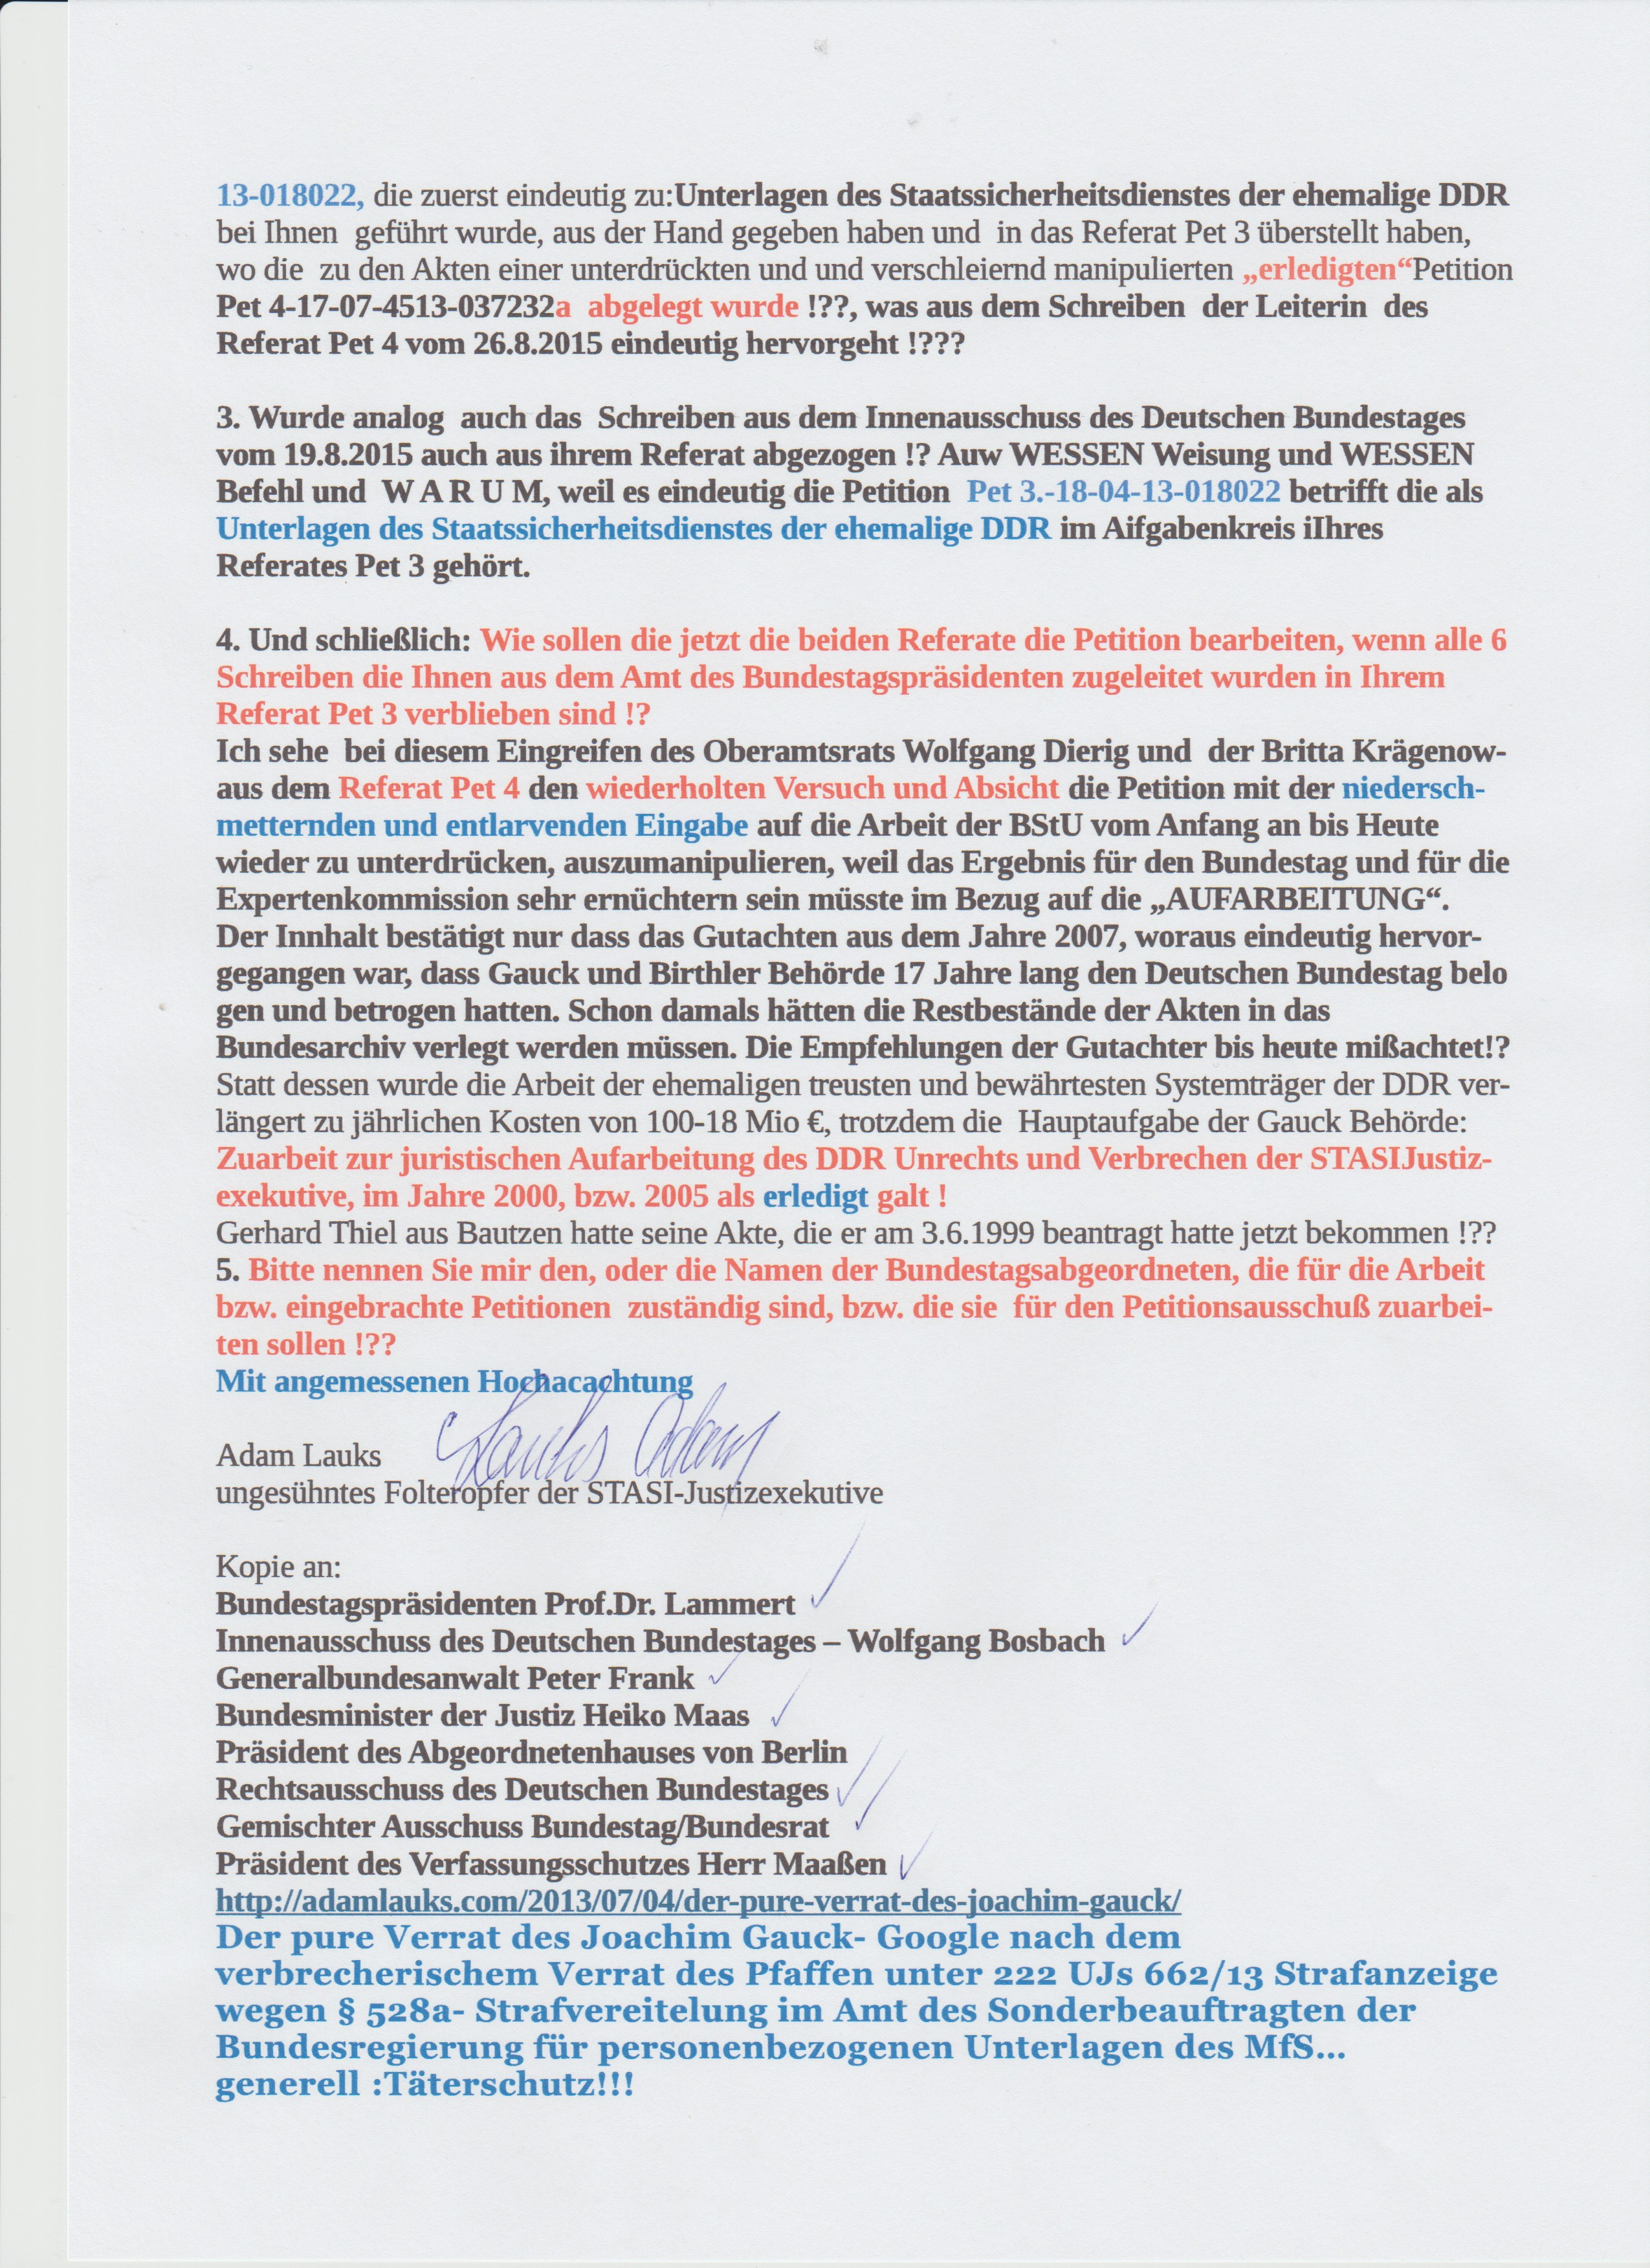 Bitte nennen Sie mir den oder die Namen der Bundestagsabgeordnweten, die für die Arbeit bzw. eingebrachte Petitionen zuständig sind und die dem Petitionsausschuss